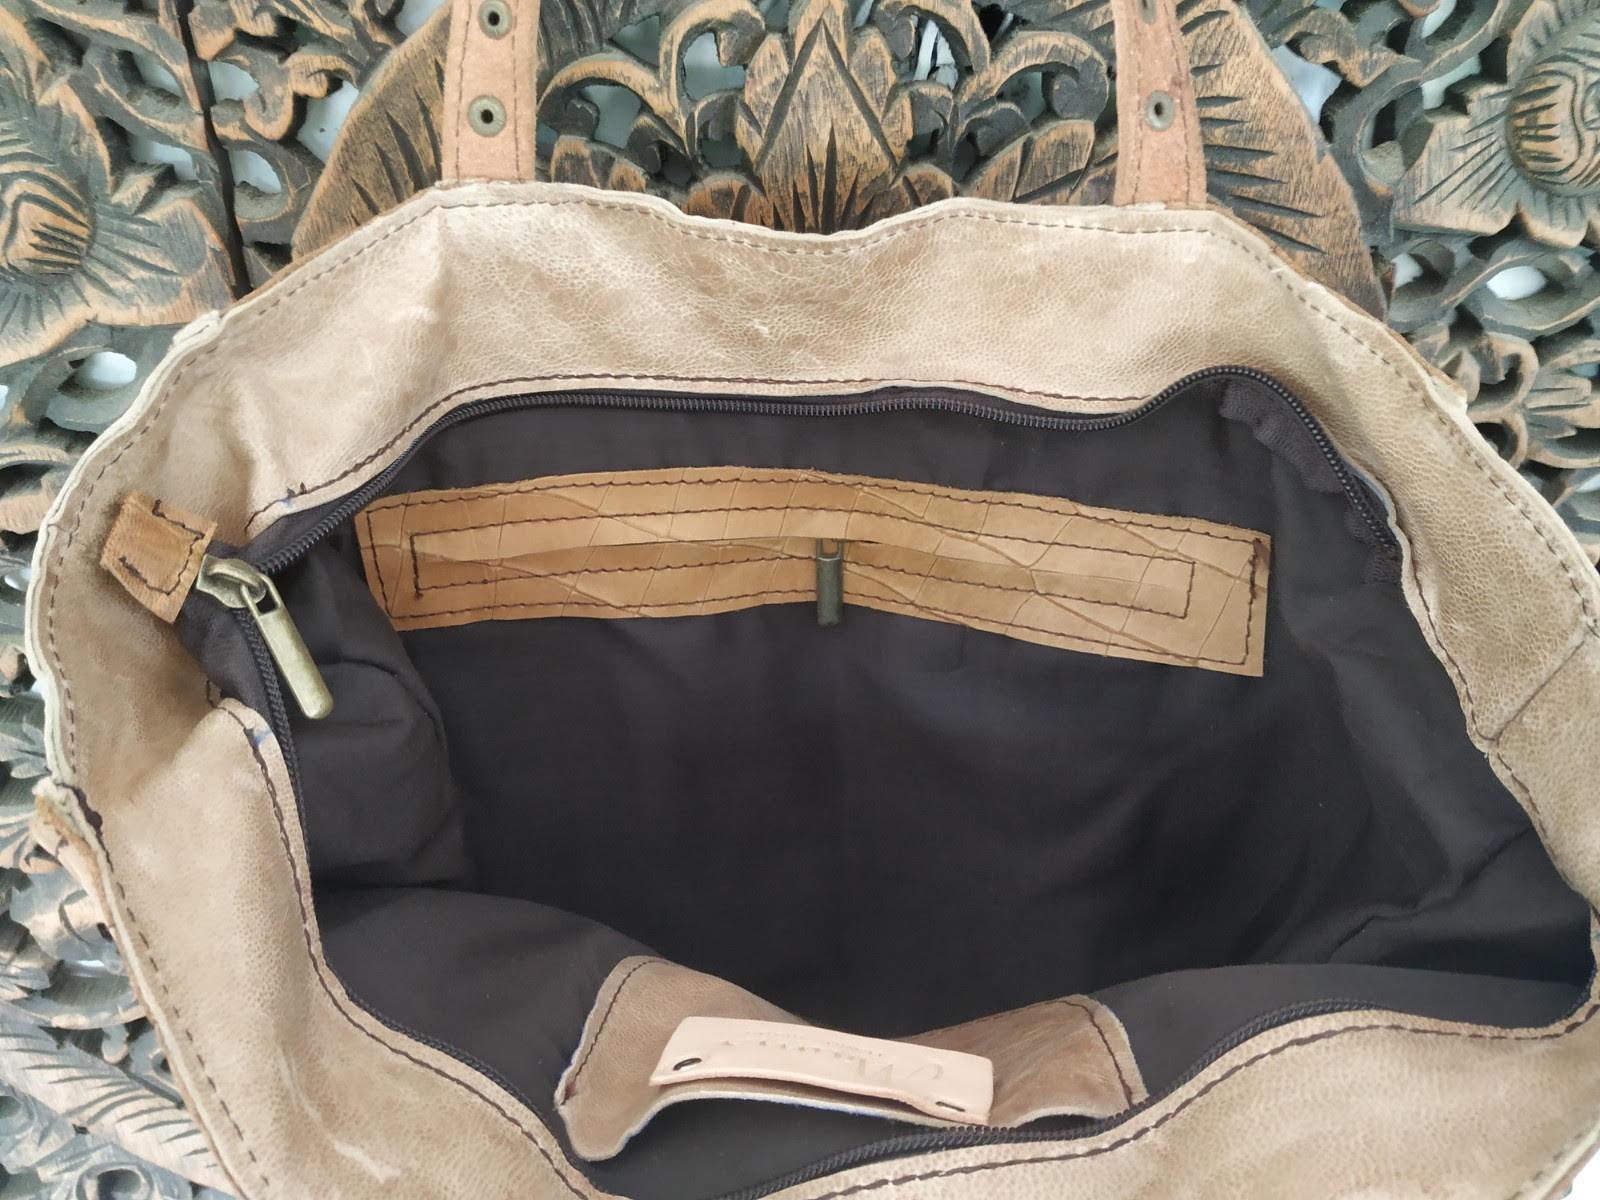 miuma-bolso-marron-piel-tachas-complemento-moda-cambrils(3)